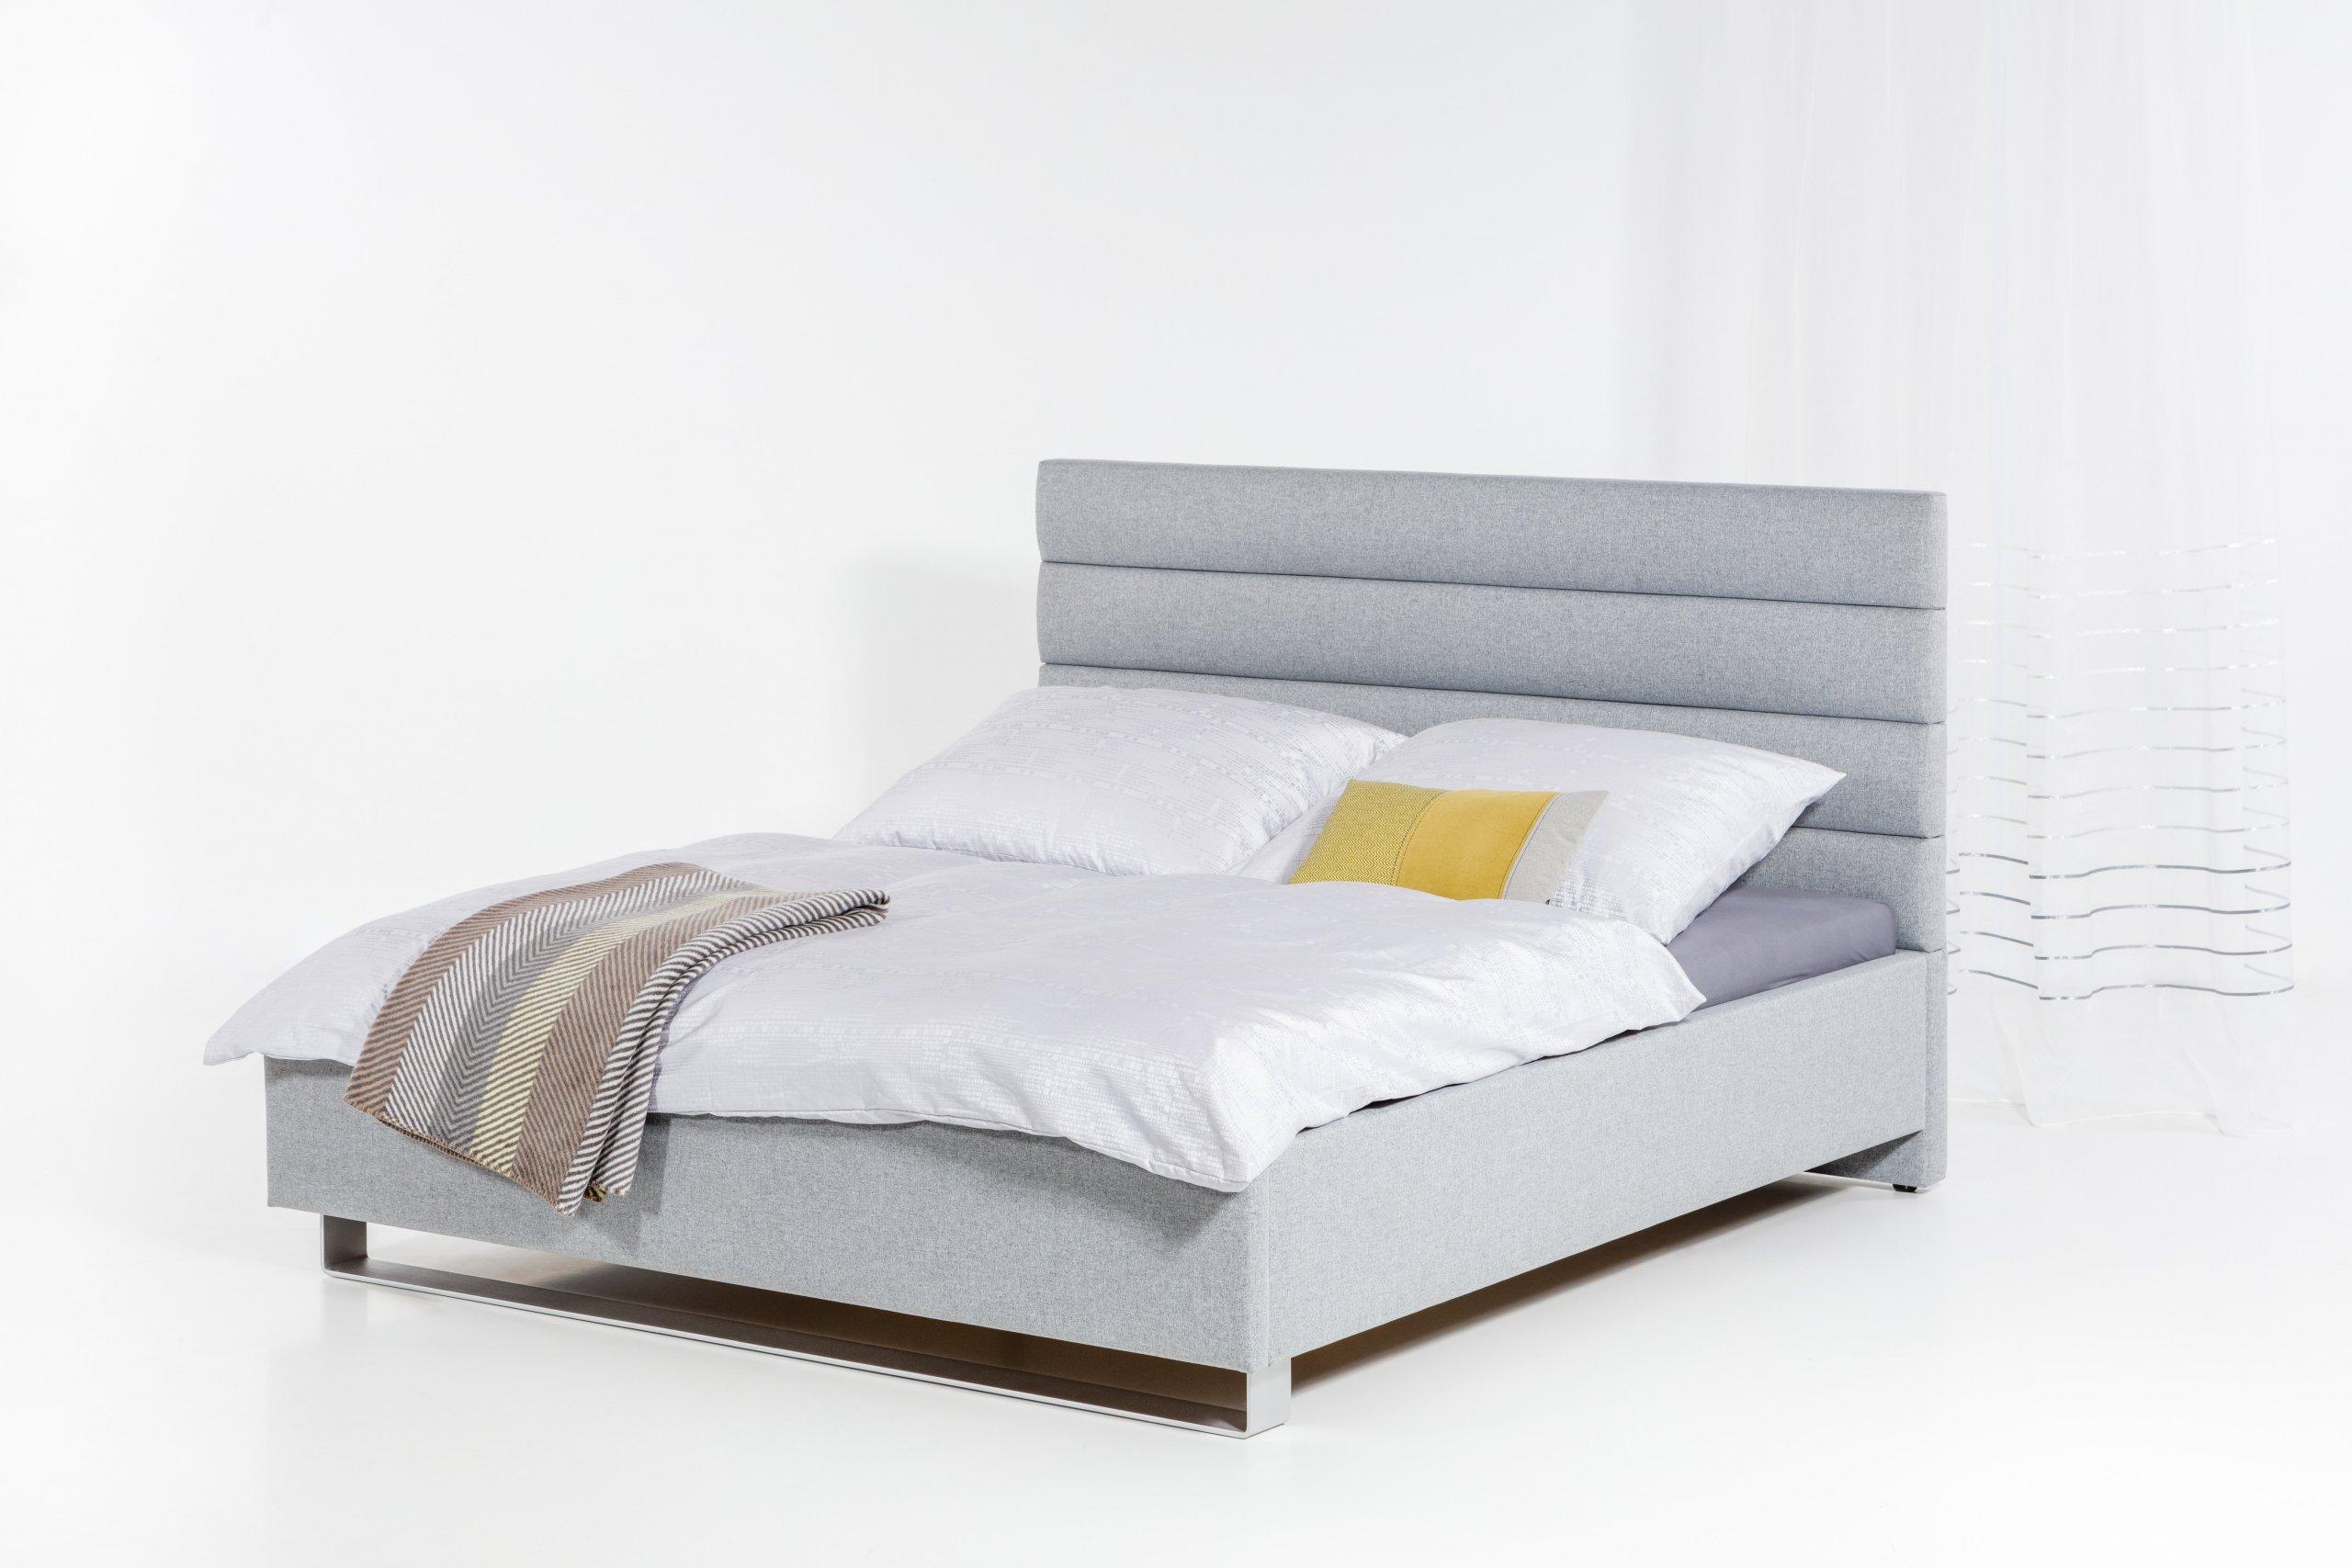 Čalouněná postel s čelem tvořeným z jednoduchých zaoblených pruhů.  - stabilní pevná konstrukce - pohodlná výška pro vstávání 45 cm - nastavení úrovně…